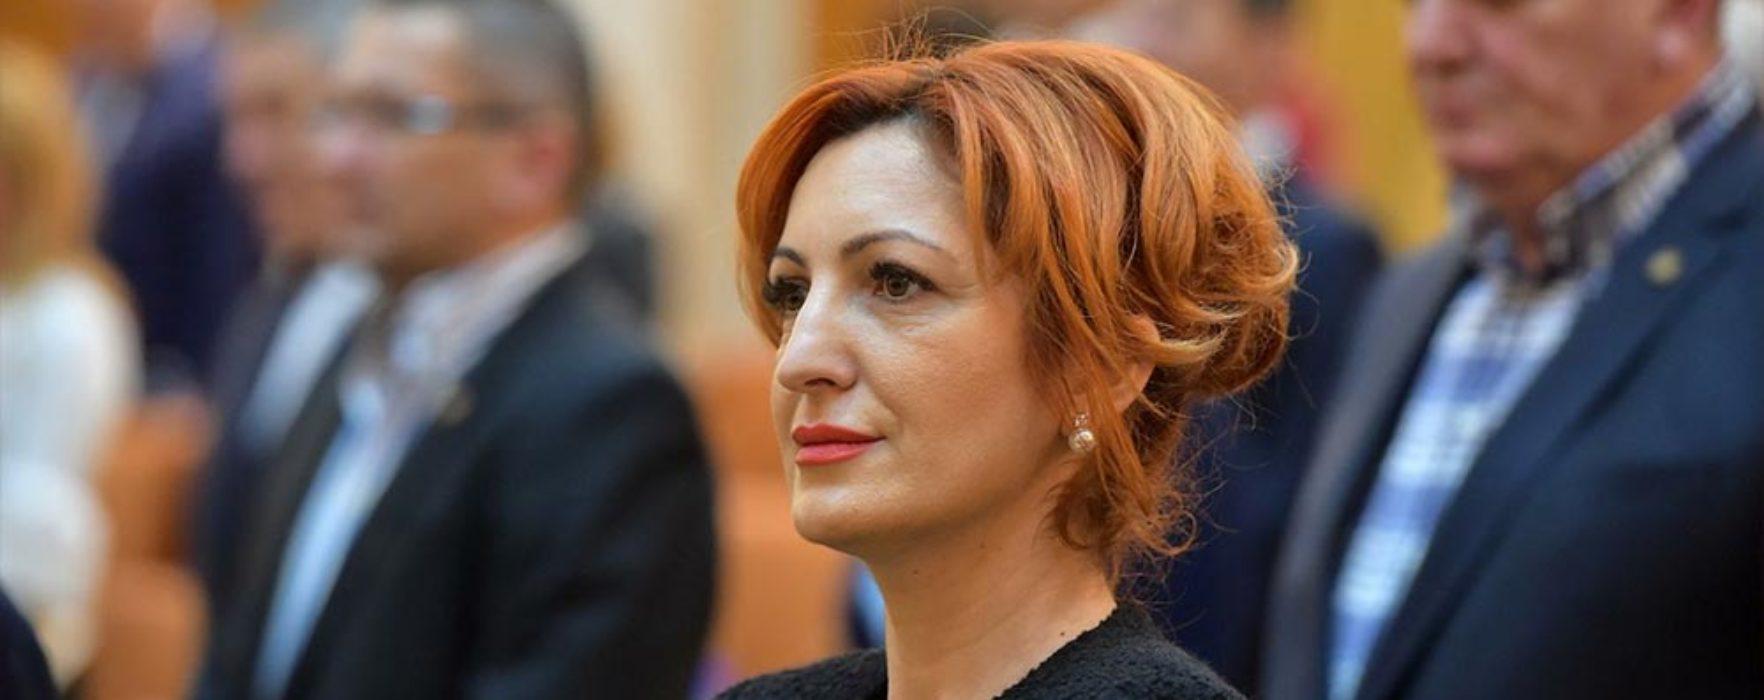 Deputatul de Dâmboviţa Oana Vlăducă anunţă că pleacă din PSD şi trece la Pro România